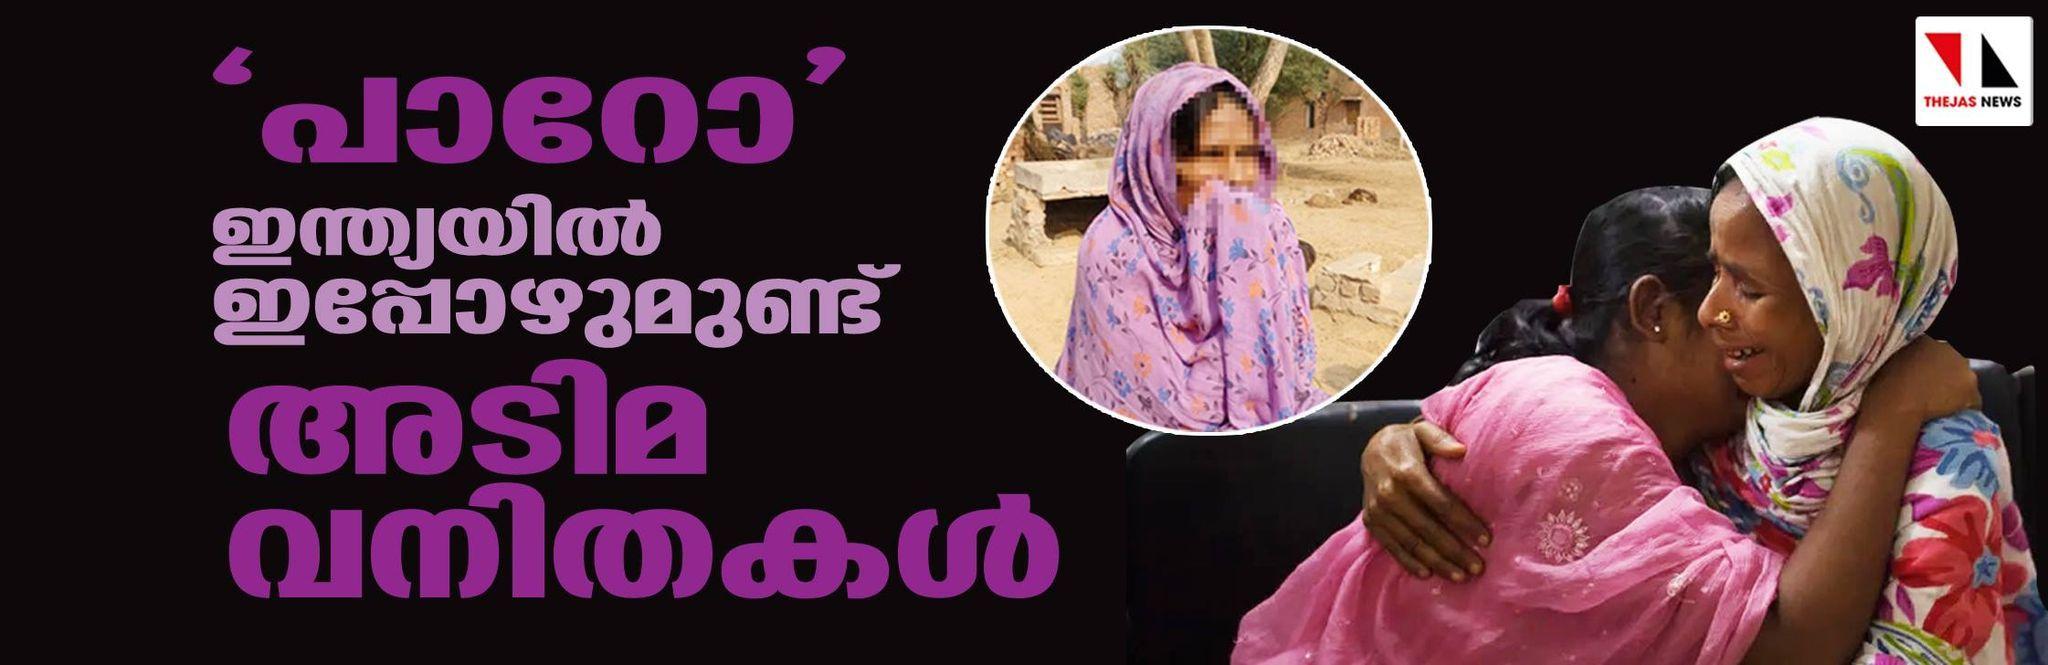 പാറോ : ഇന്ത്യയില് ഇപ്പോഴുമുണ്ട് അടിമ വനിതകള്